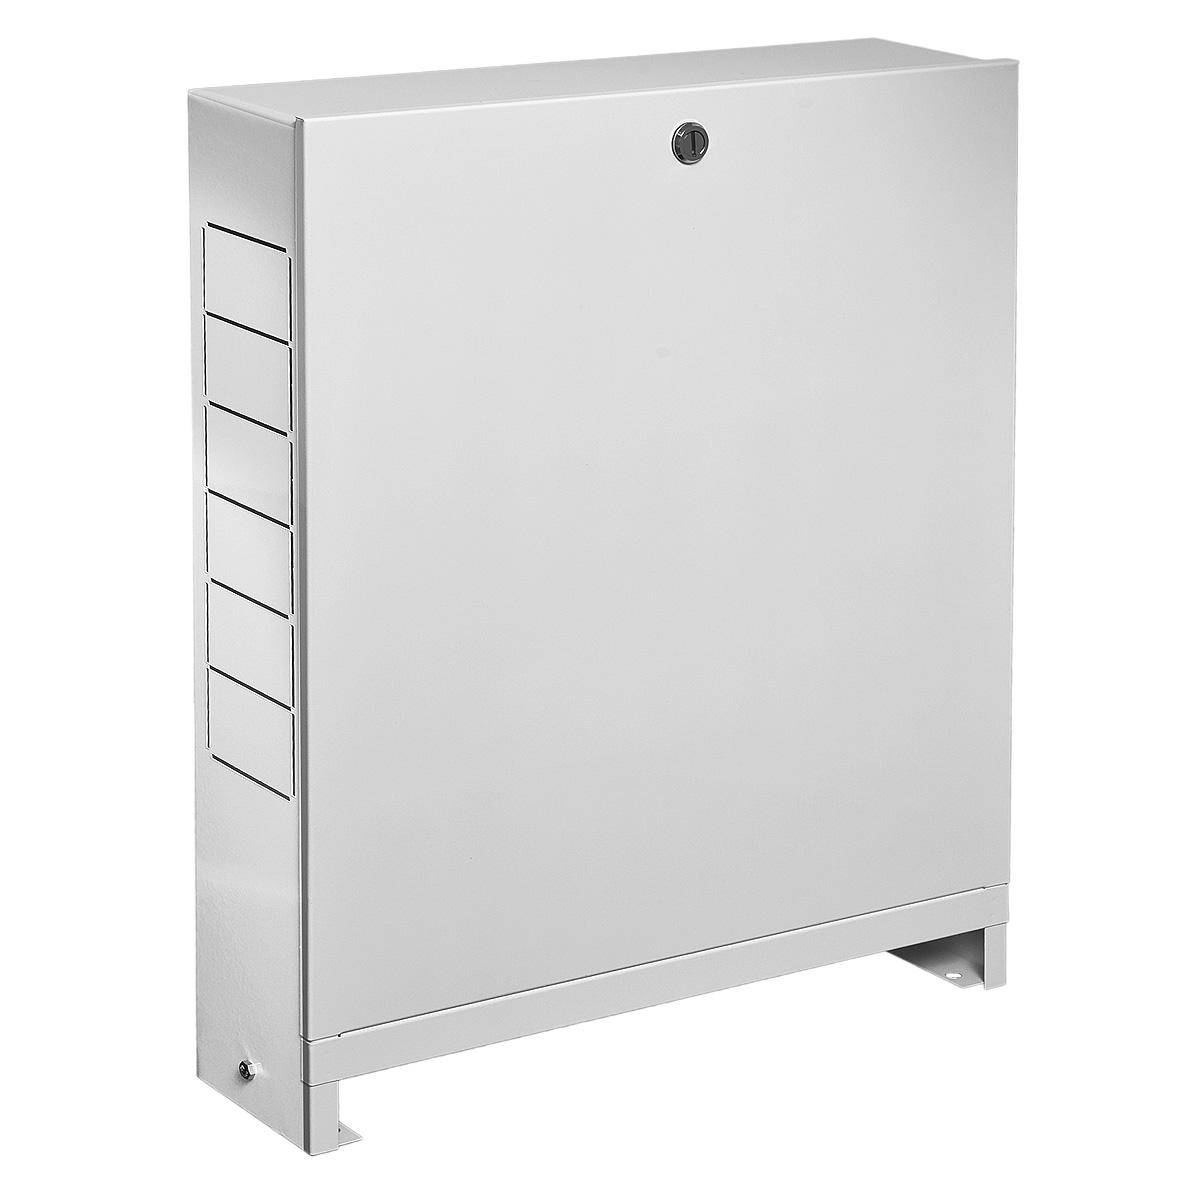 Коллекторный шкаф накладной ШРН-2